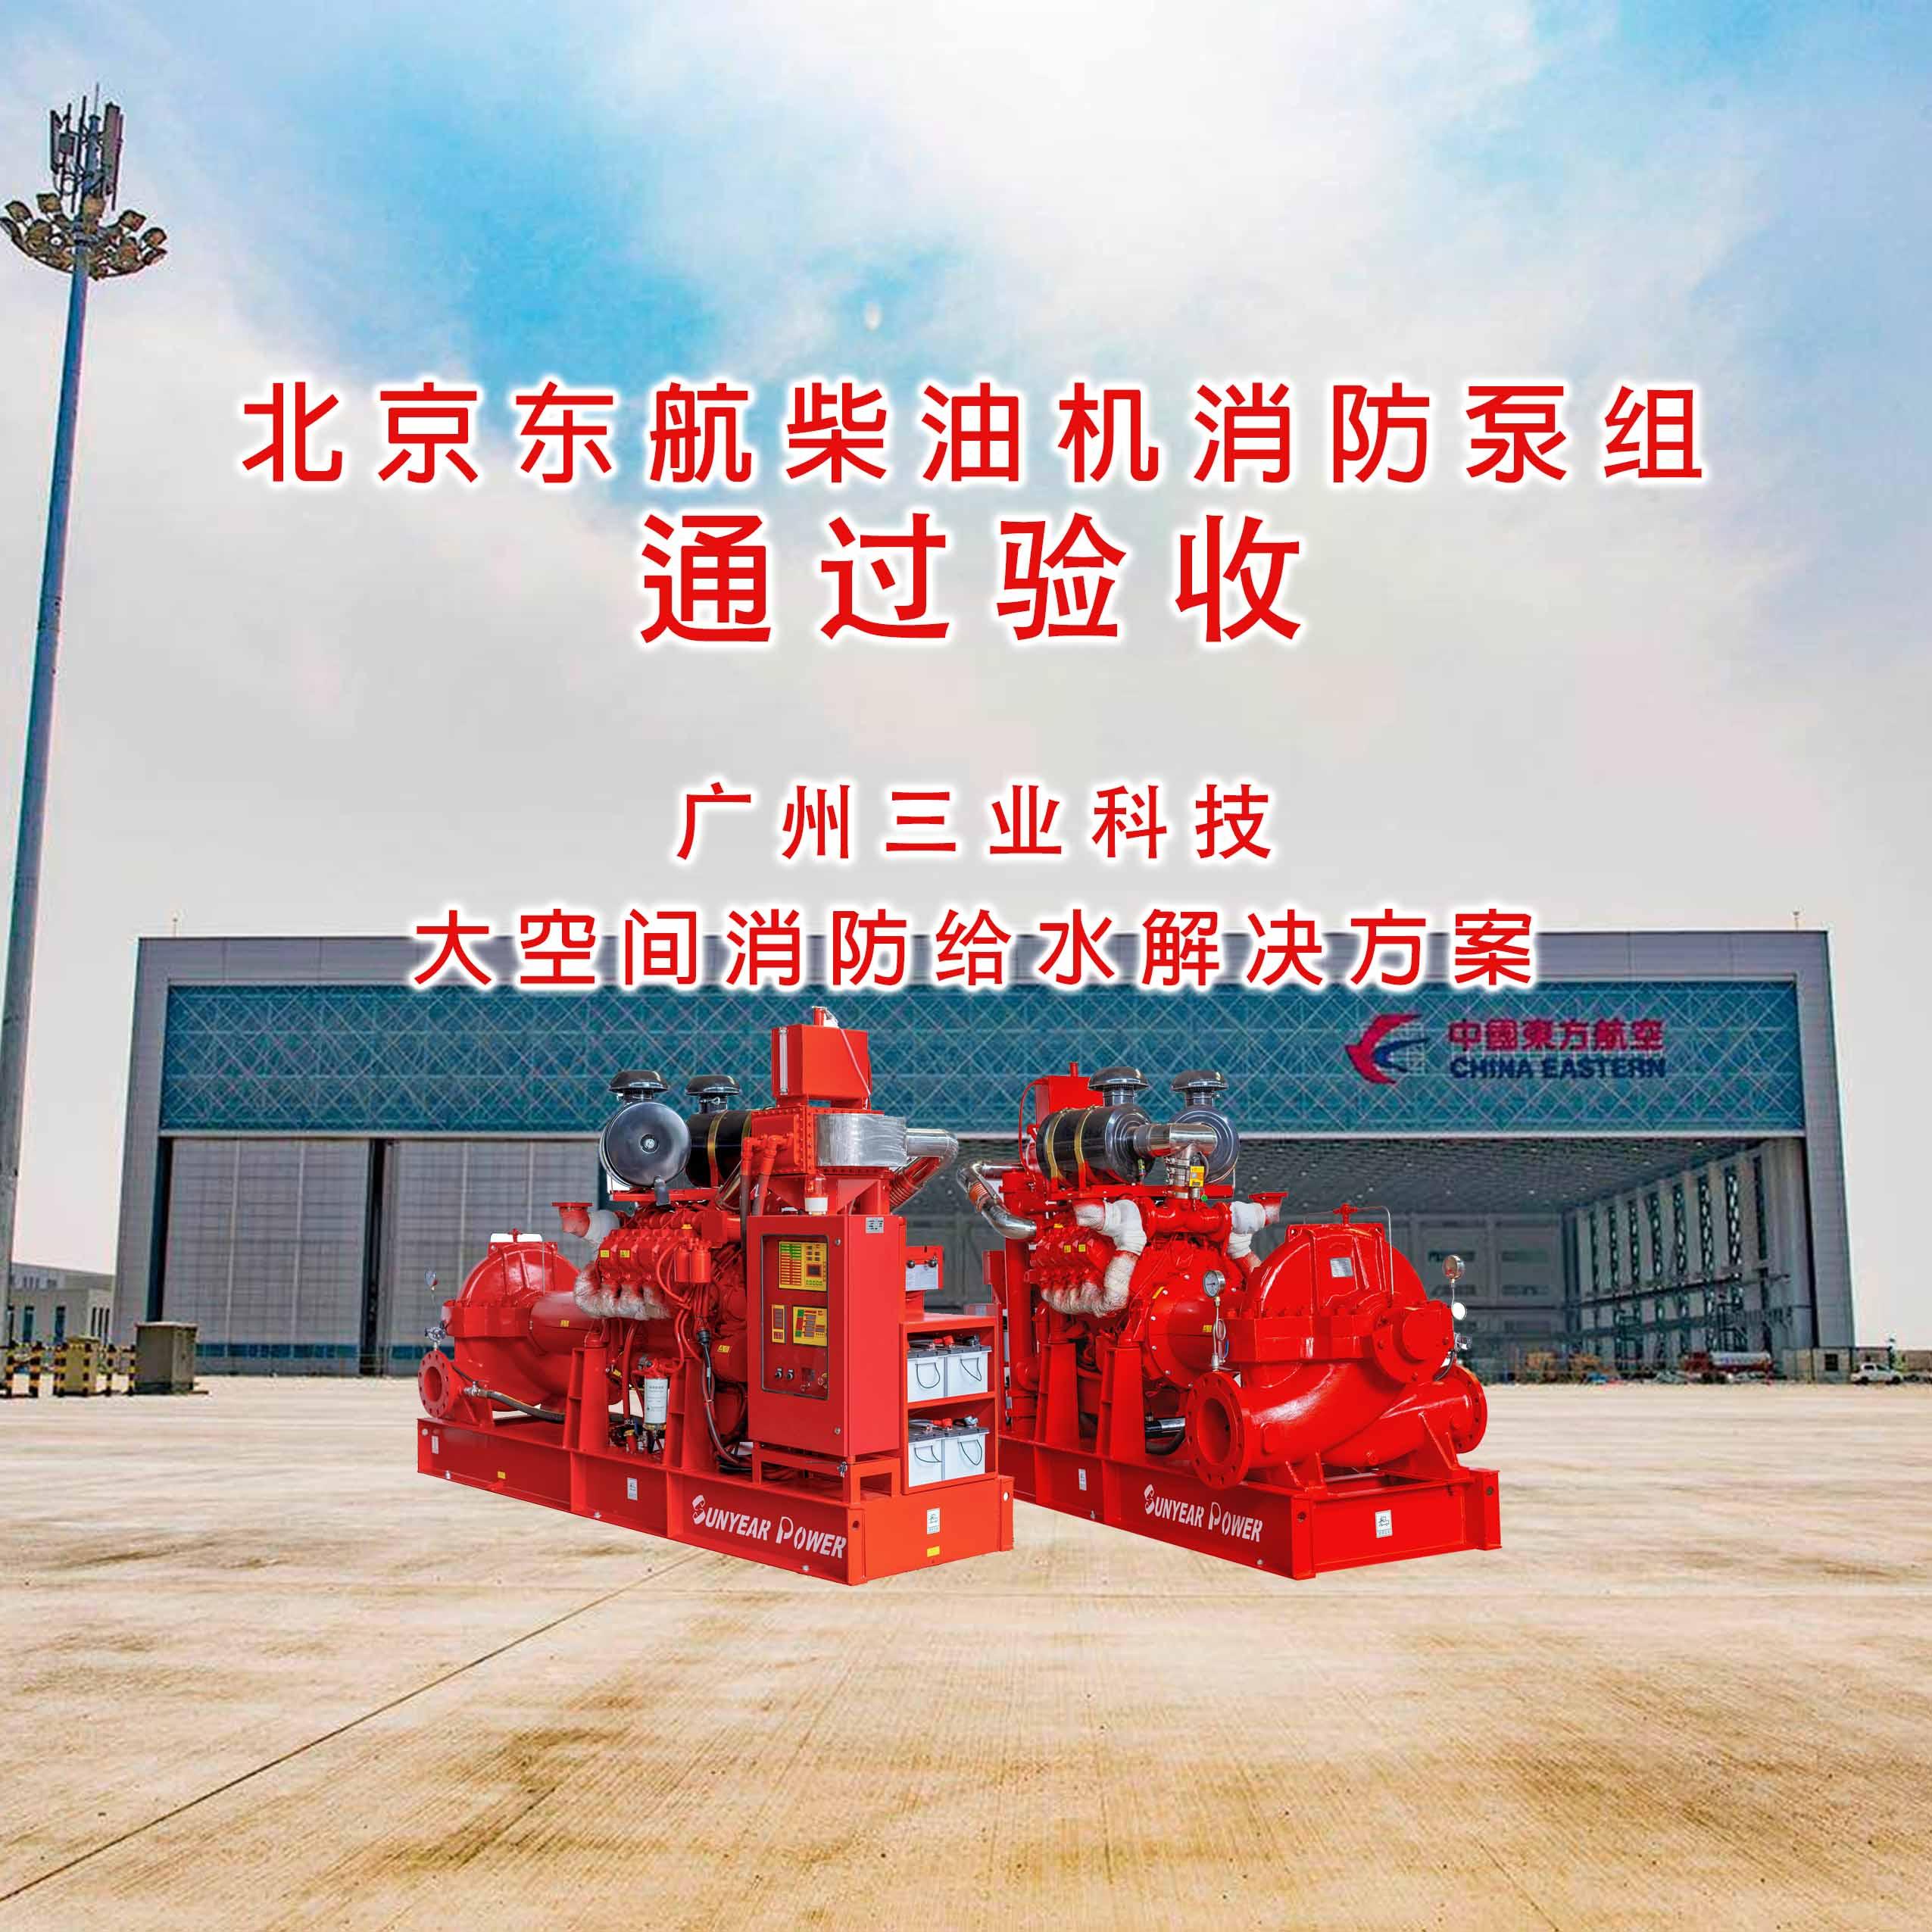 广州manbetx app安卓在北京东航维修基地万博登录万博manbetx客户端苹果通过验收